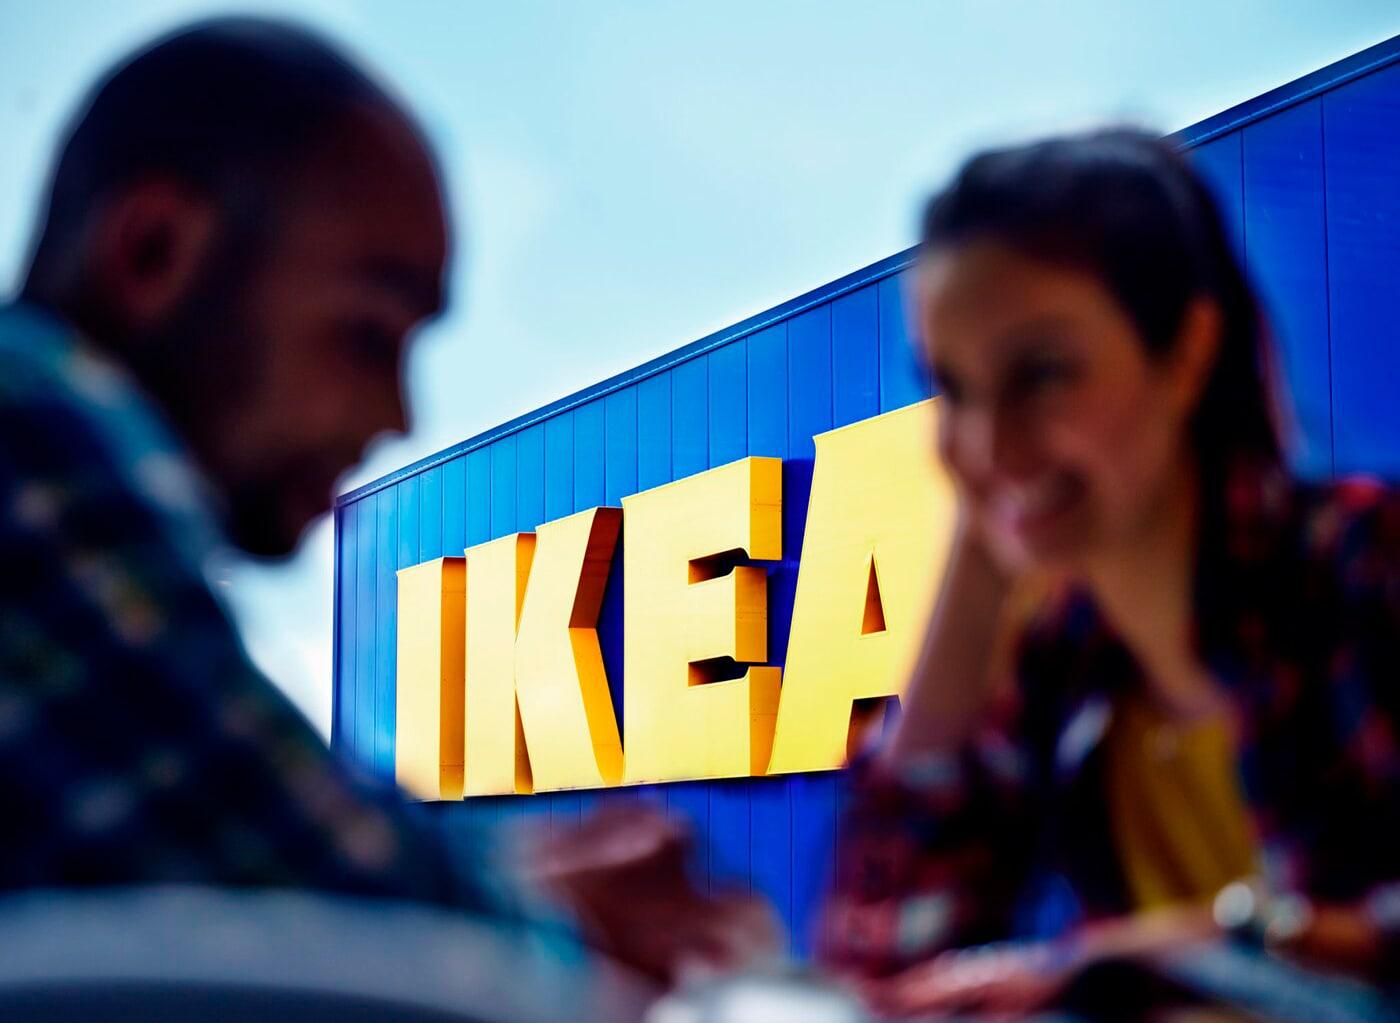 IKEA telah diasaskan di Älmhult, Sweden tetapi sekarang merupakan syarikat global. Logo IKEA ialah kuning dan biru, seperti bendera Sweden.